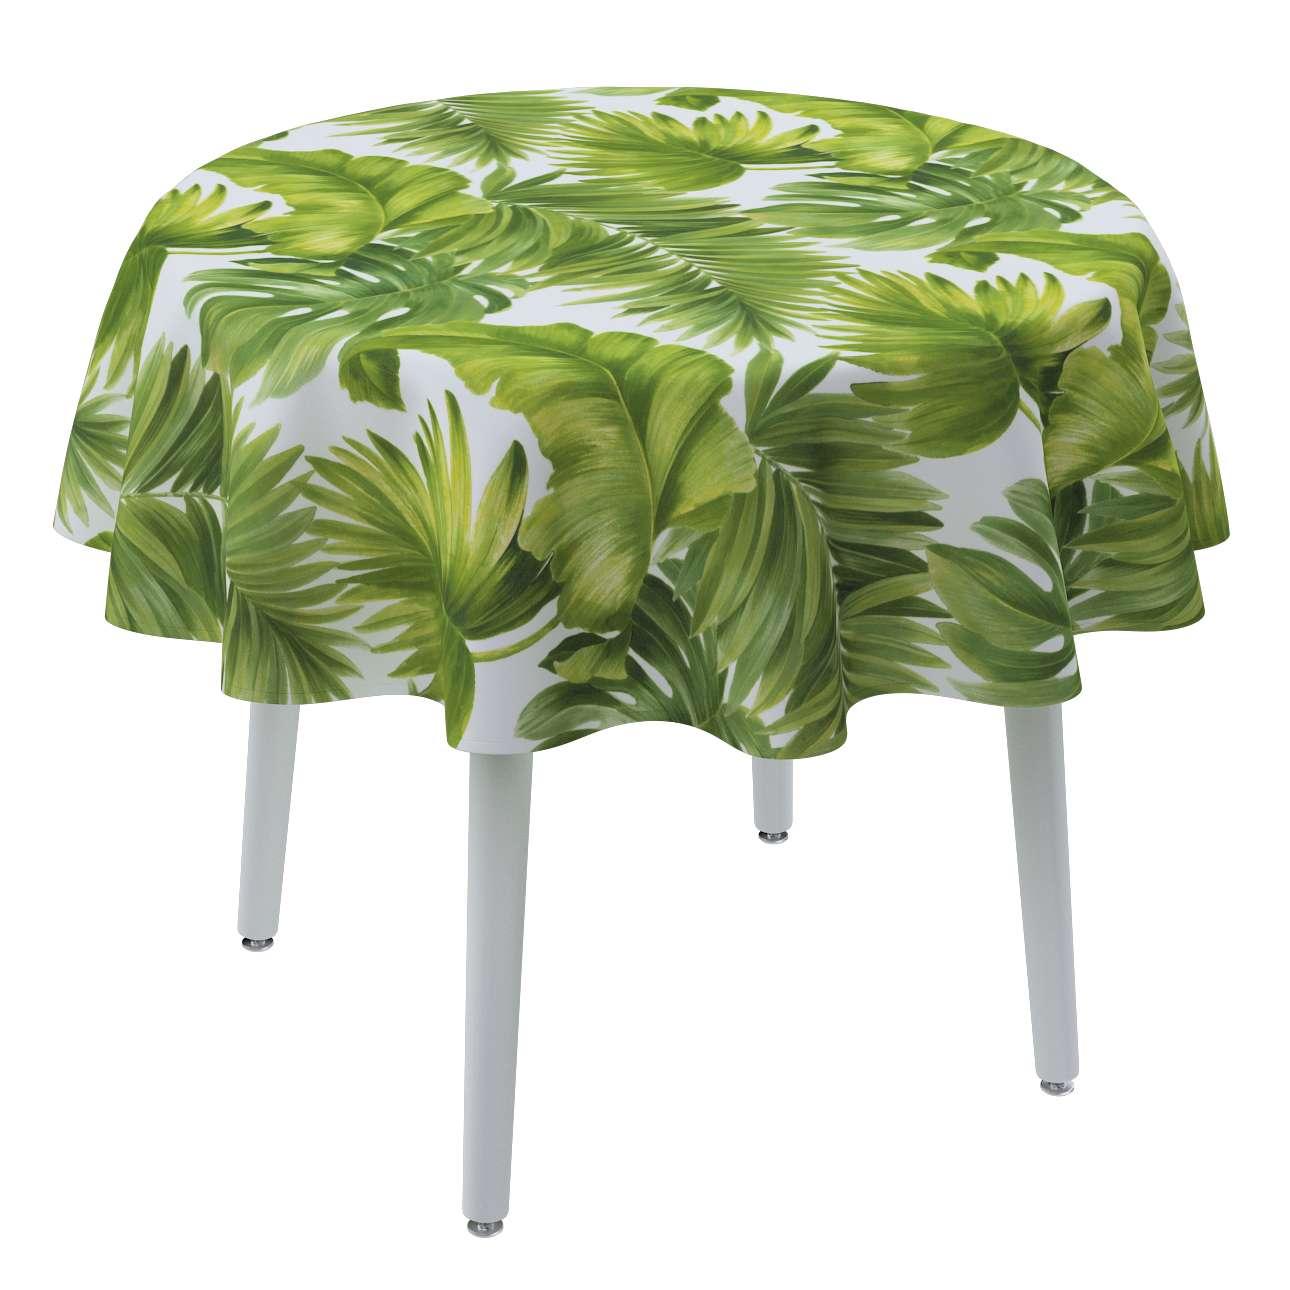 Runde Tischdecke von der Kollektion Tropical Island, Stoff: 143-63